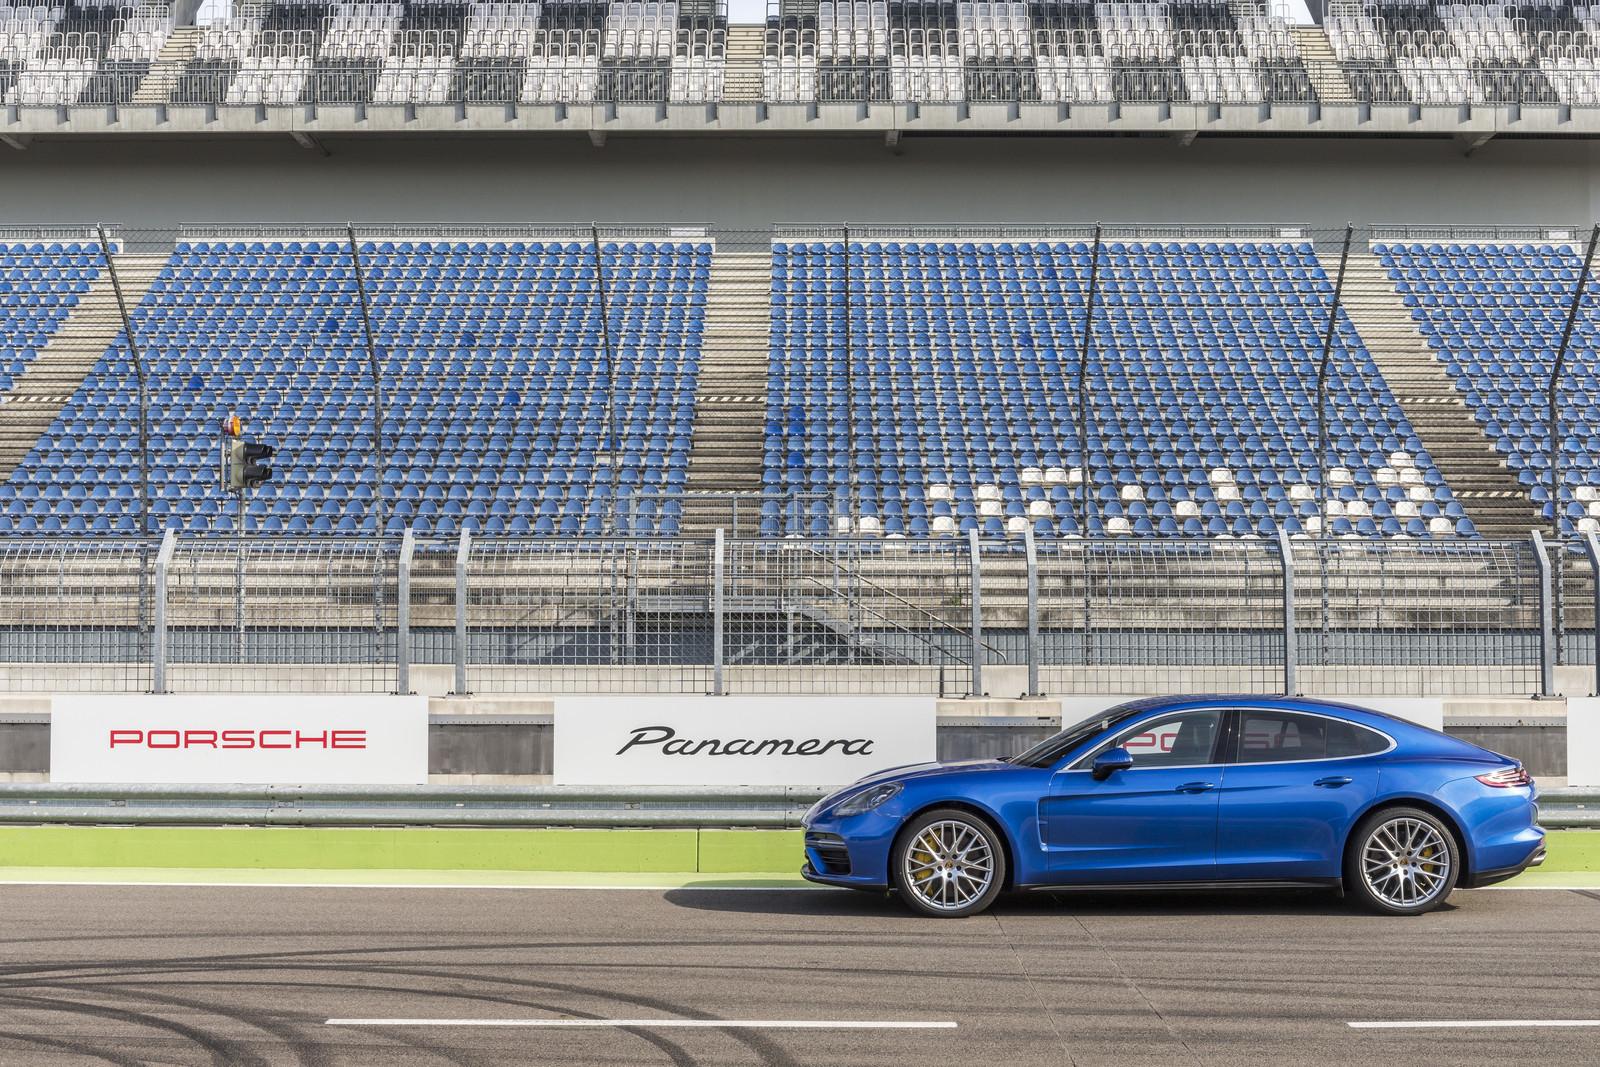 Foto de Porsche Panamera 2017 (19/130)